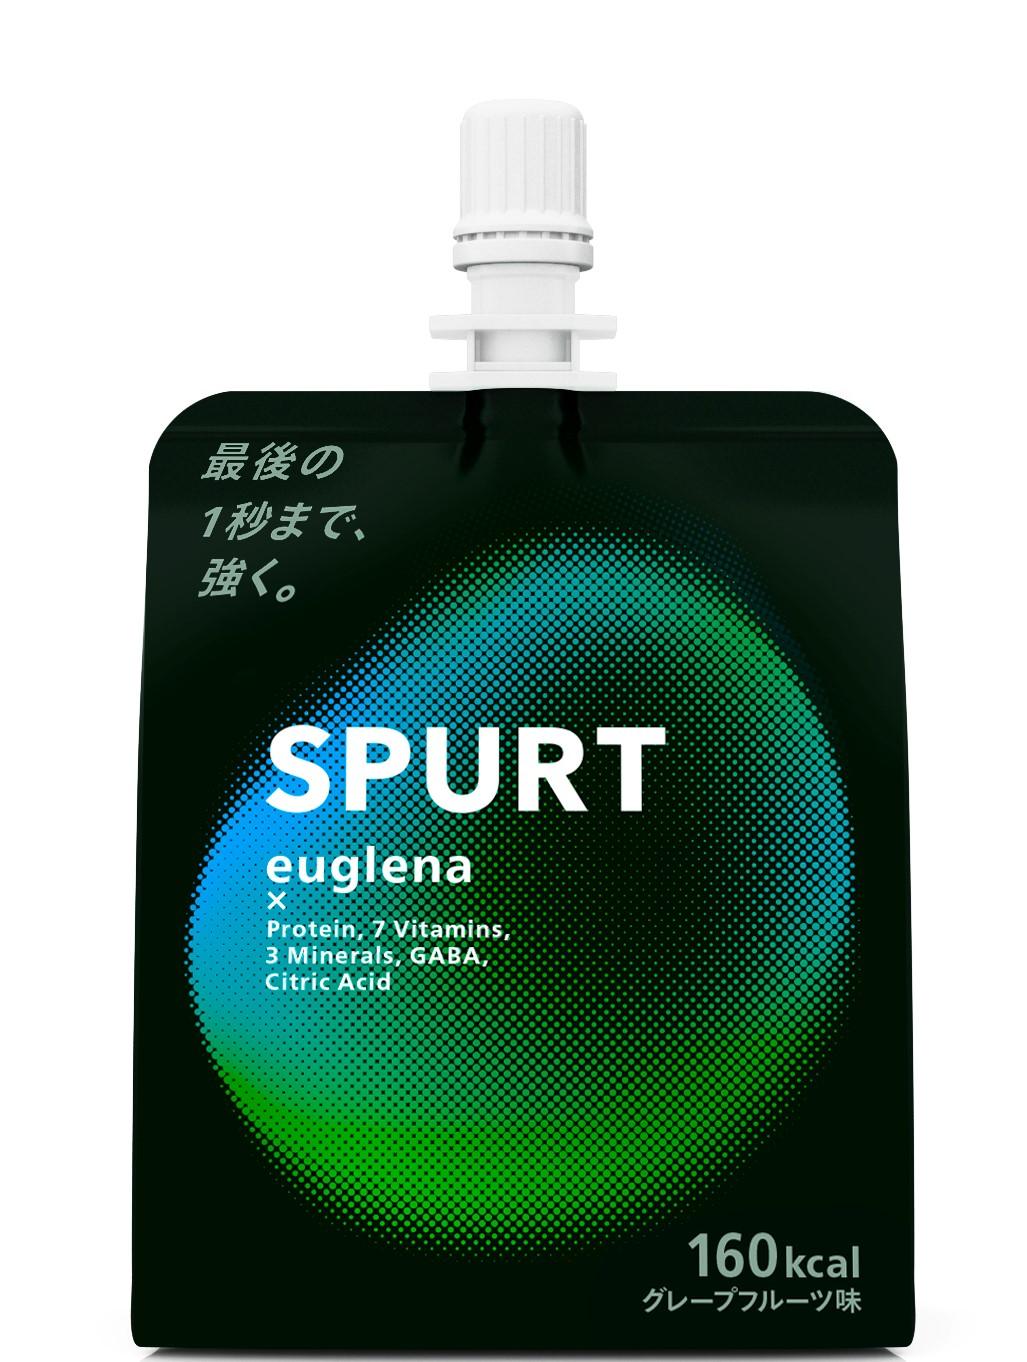 180731_SPURT_逕サ蜒・euglena_SPURT_image_white_1807312